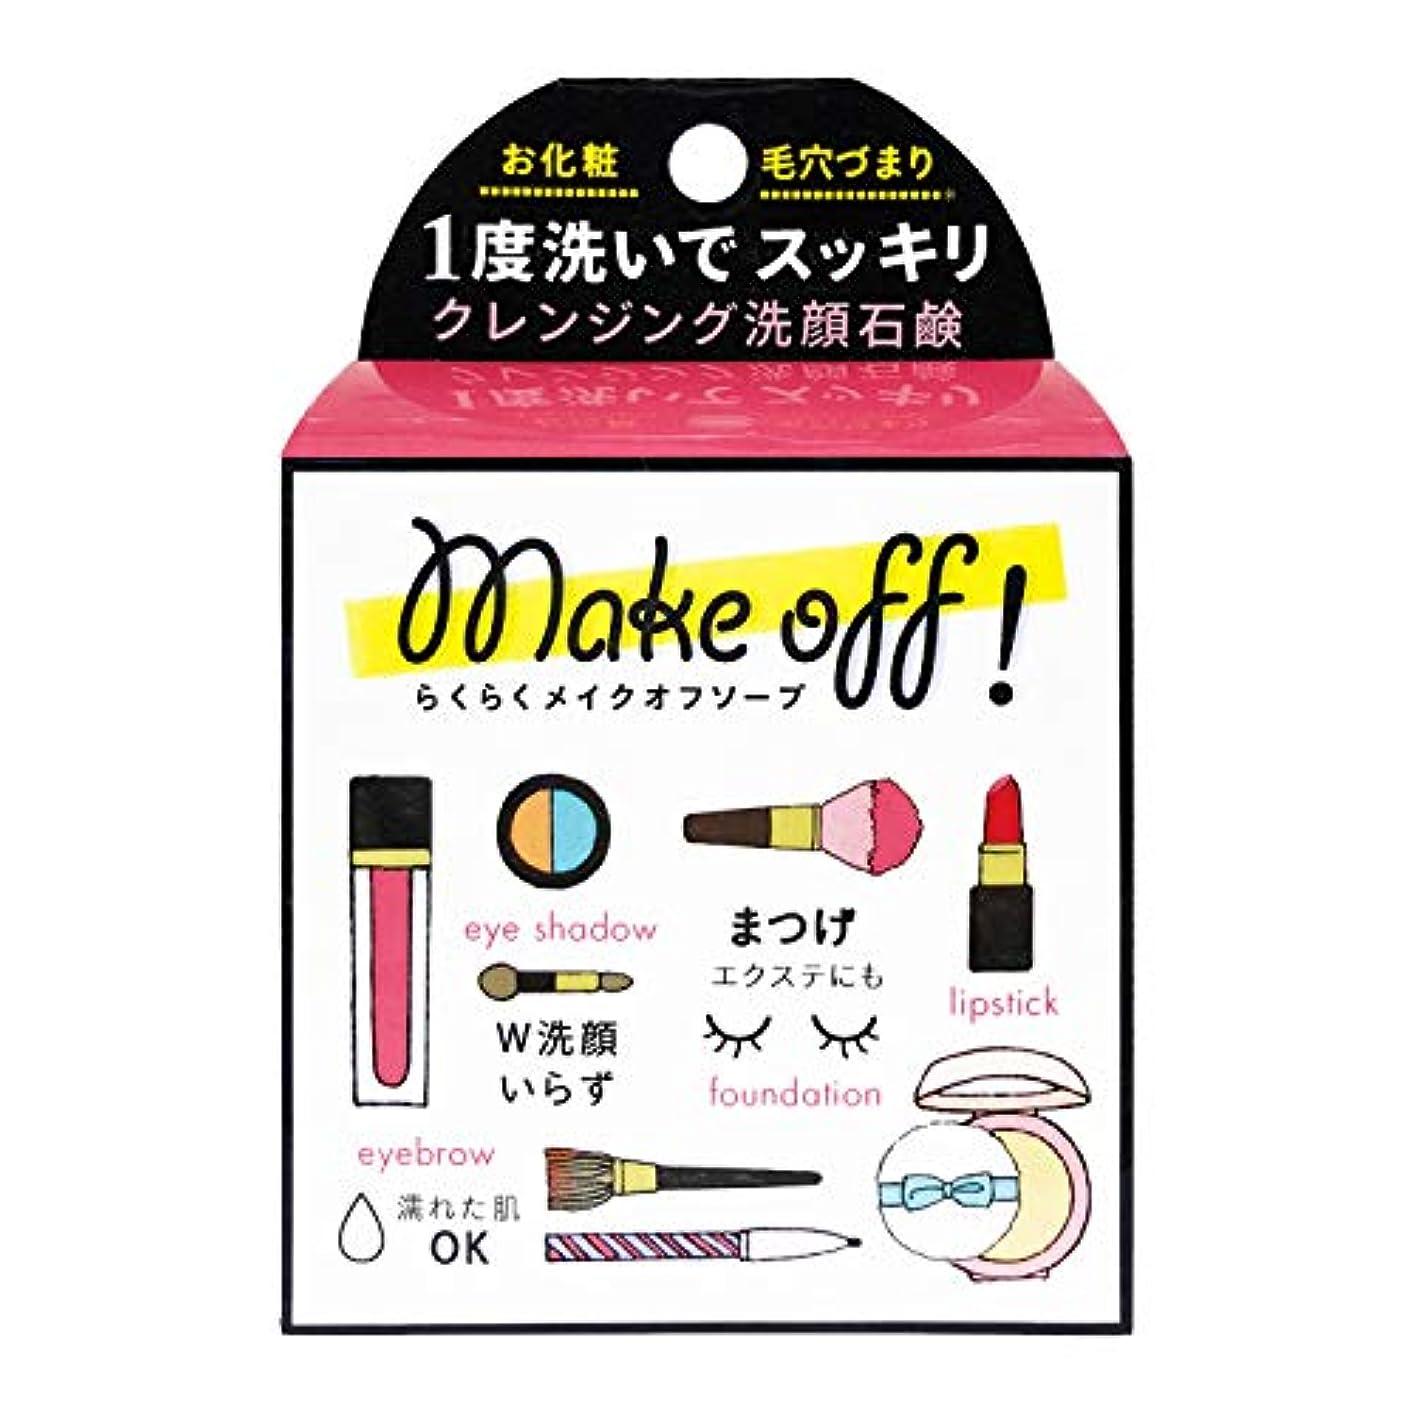 シャイ接続されたからMAKE OFF SOAP (メイク オフ ソープ) 80g